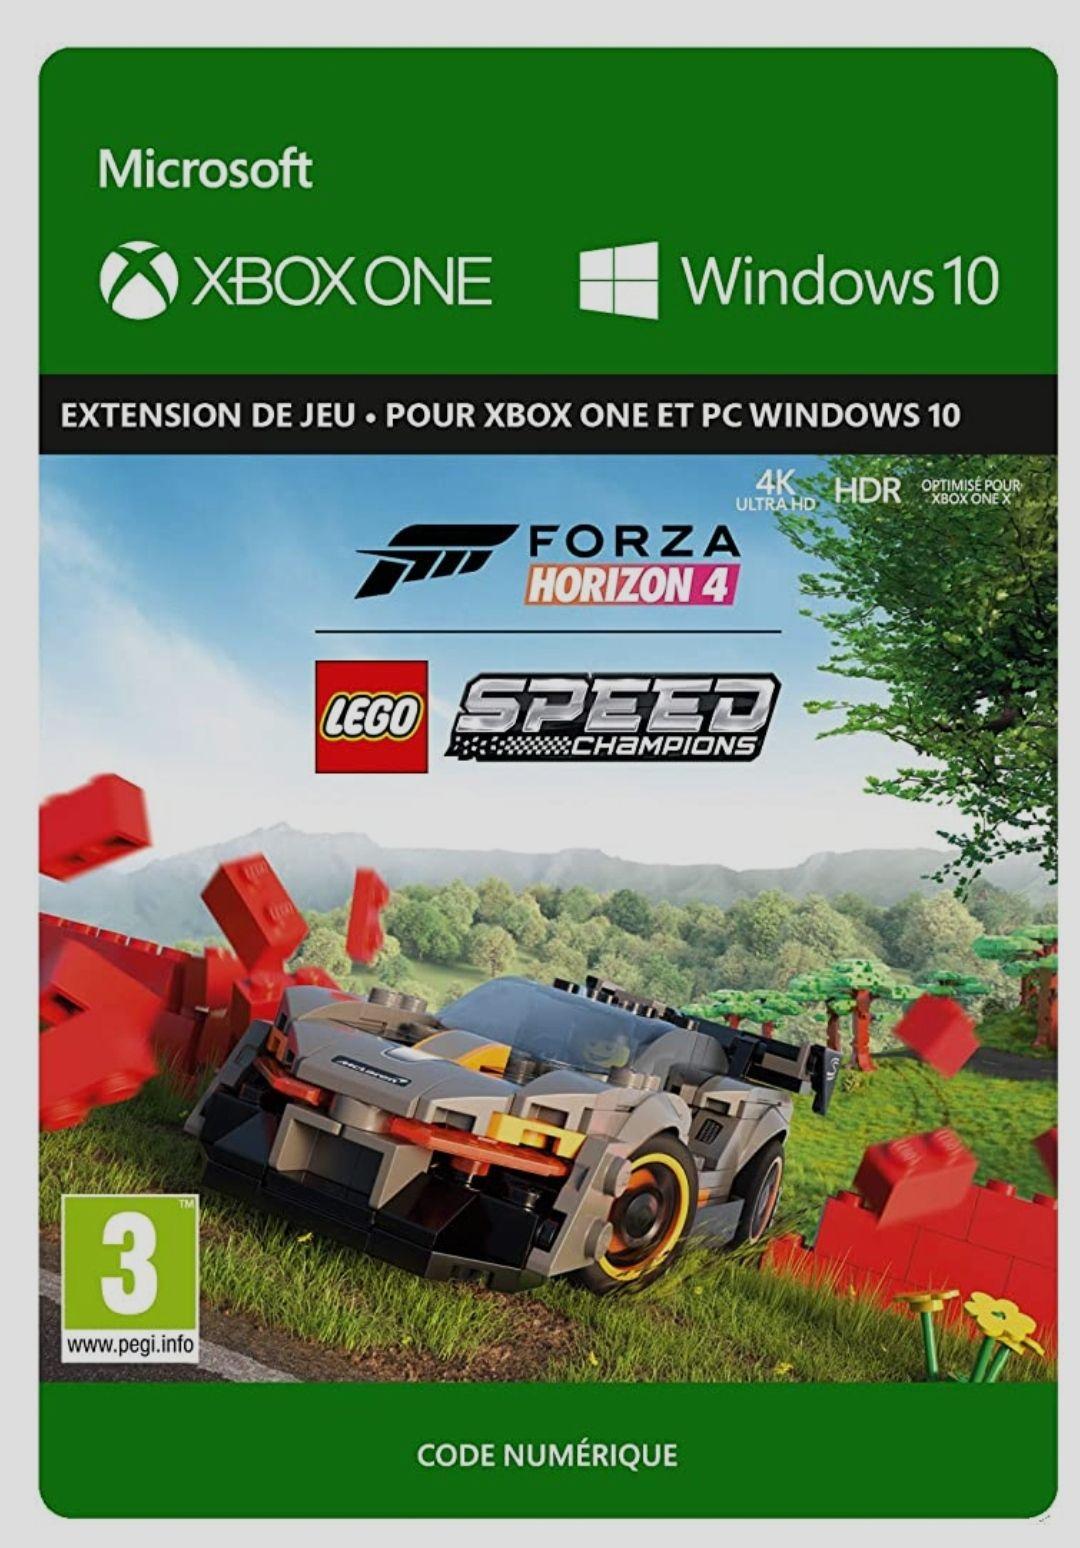 DLC Forza Horizon 4 Lego Speed Champions sur Xbox One & PC (Dématérialisé)